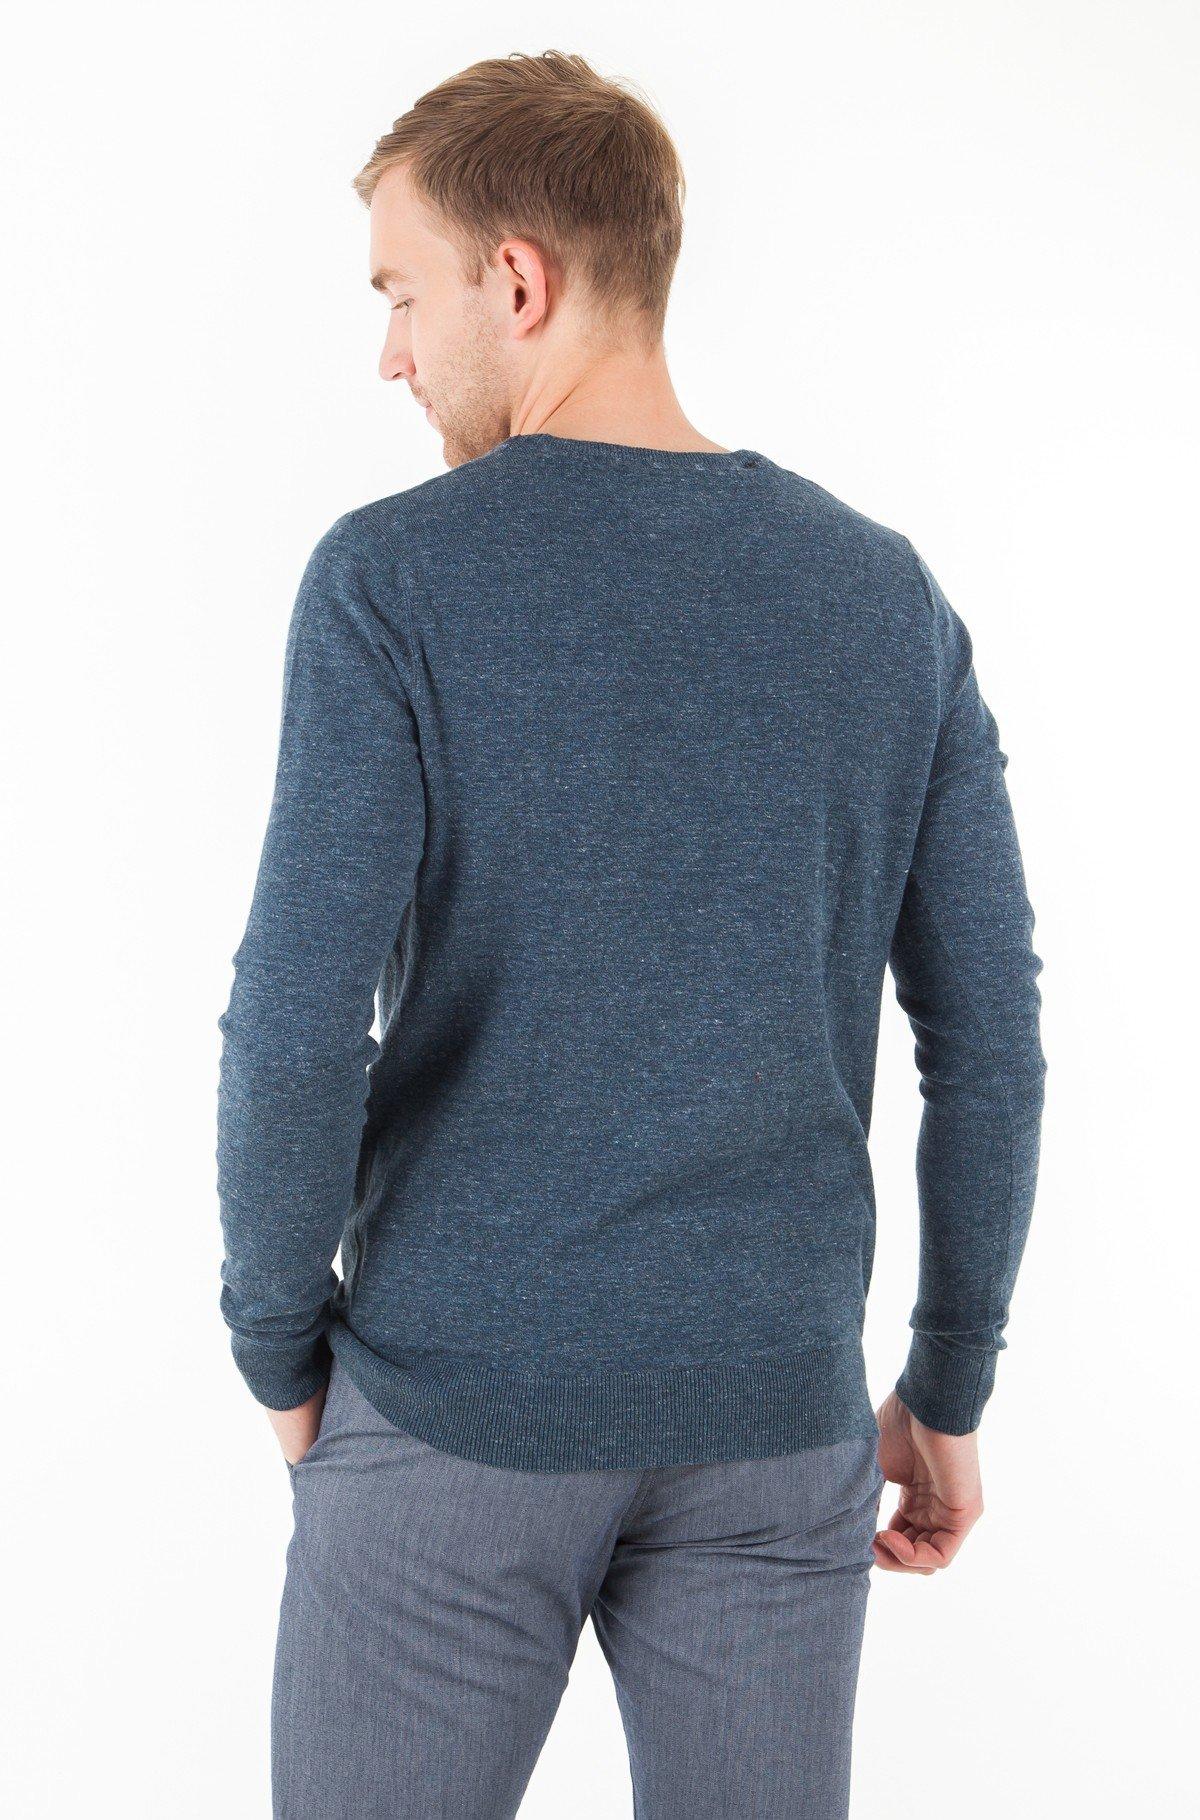 Sweater Original cotton blend cn sweater l/s-full-2